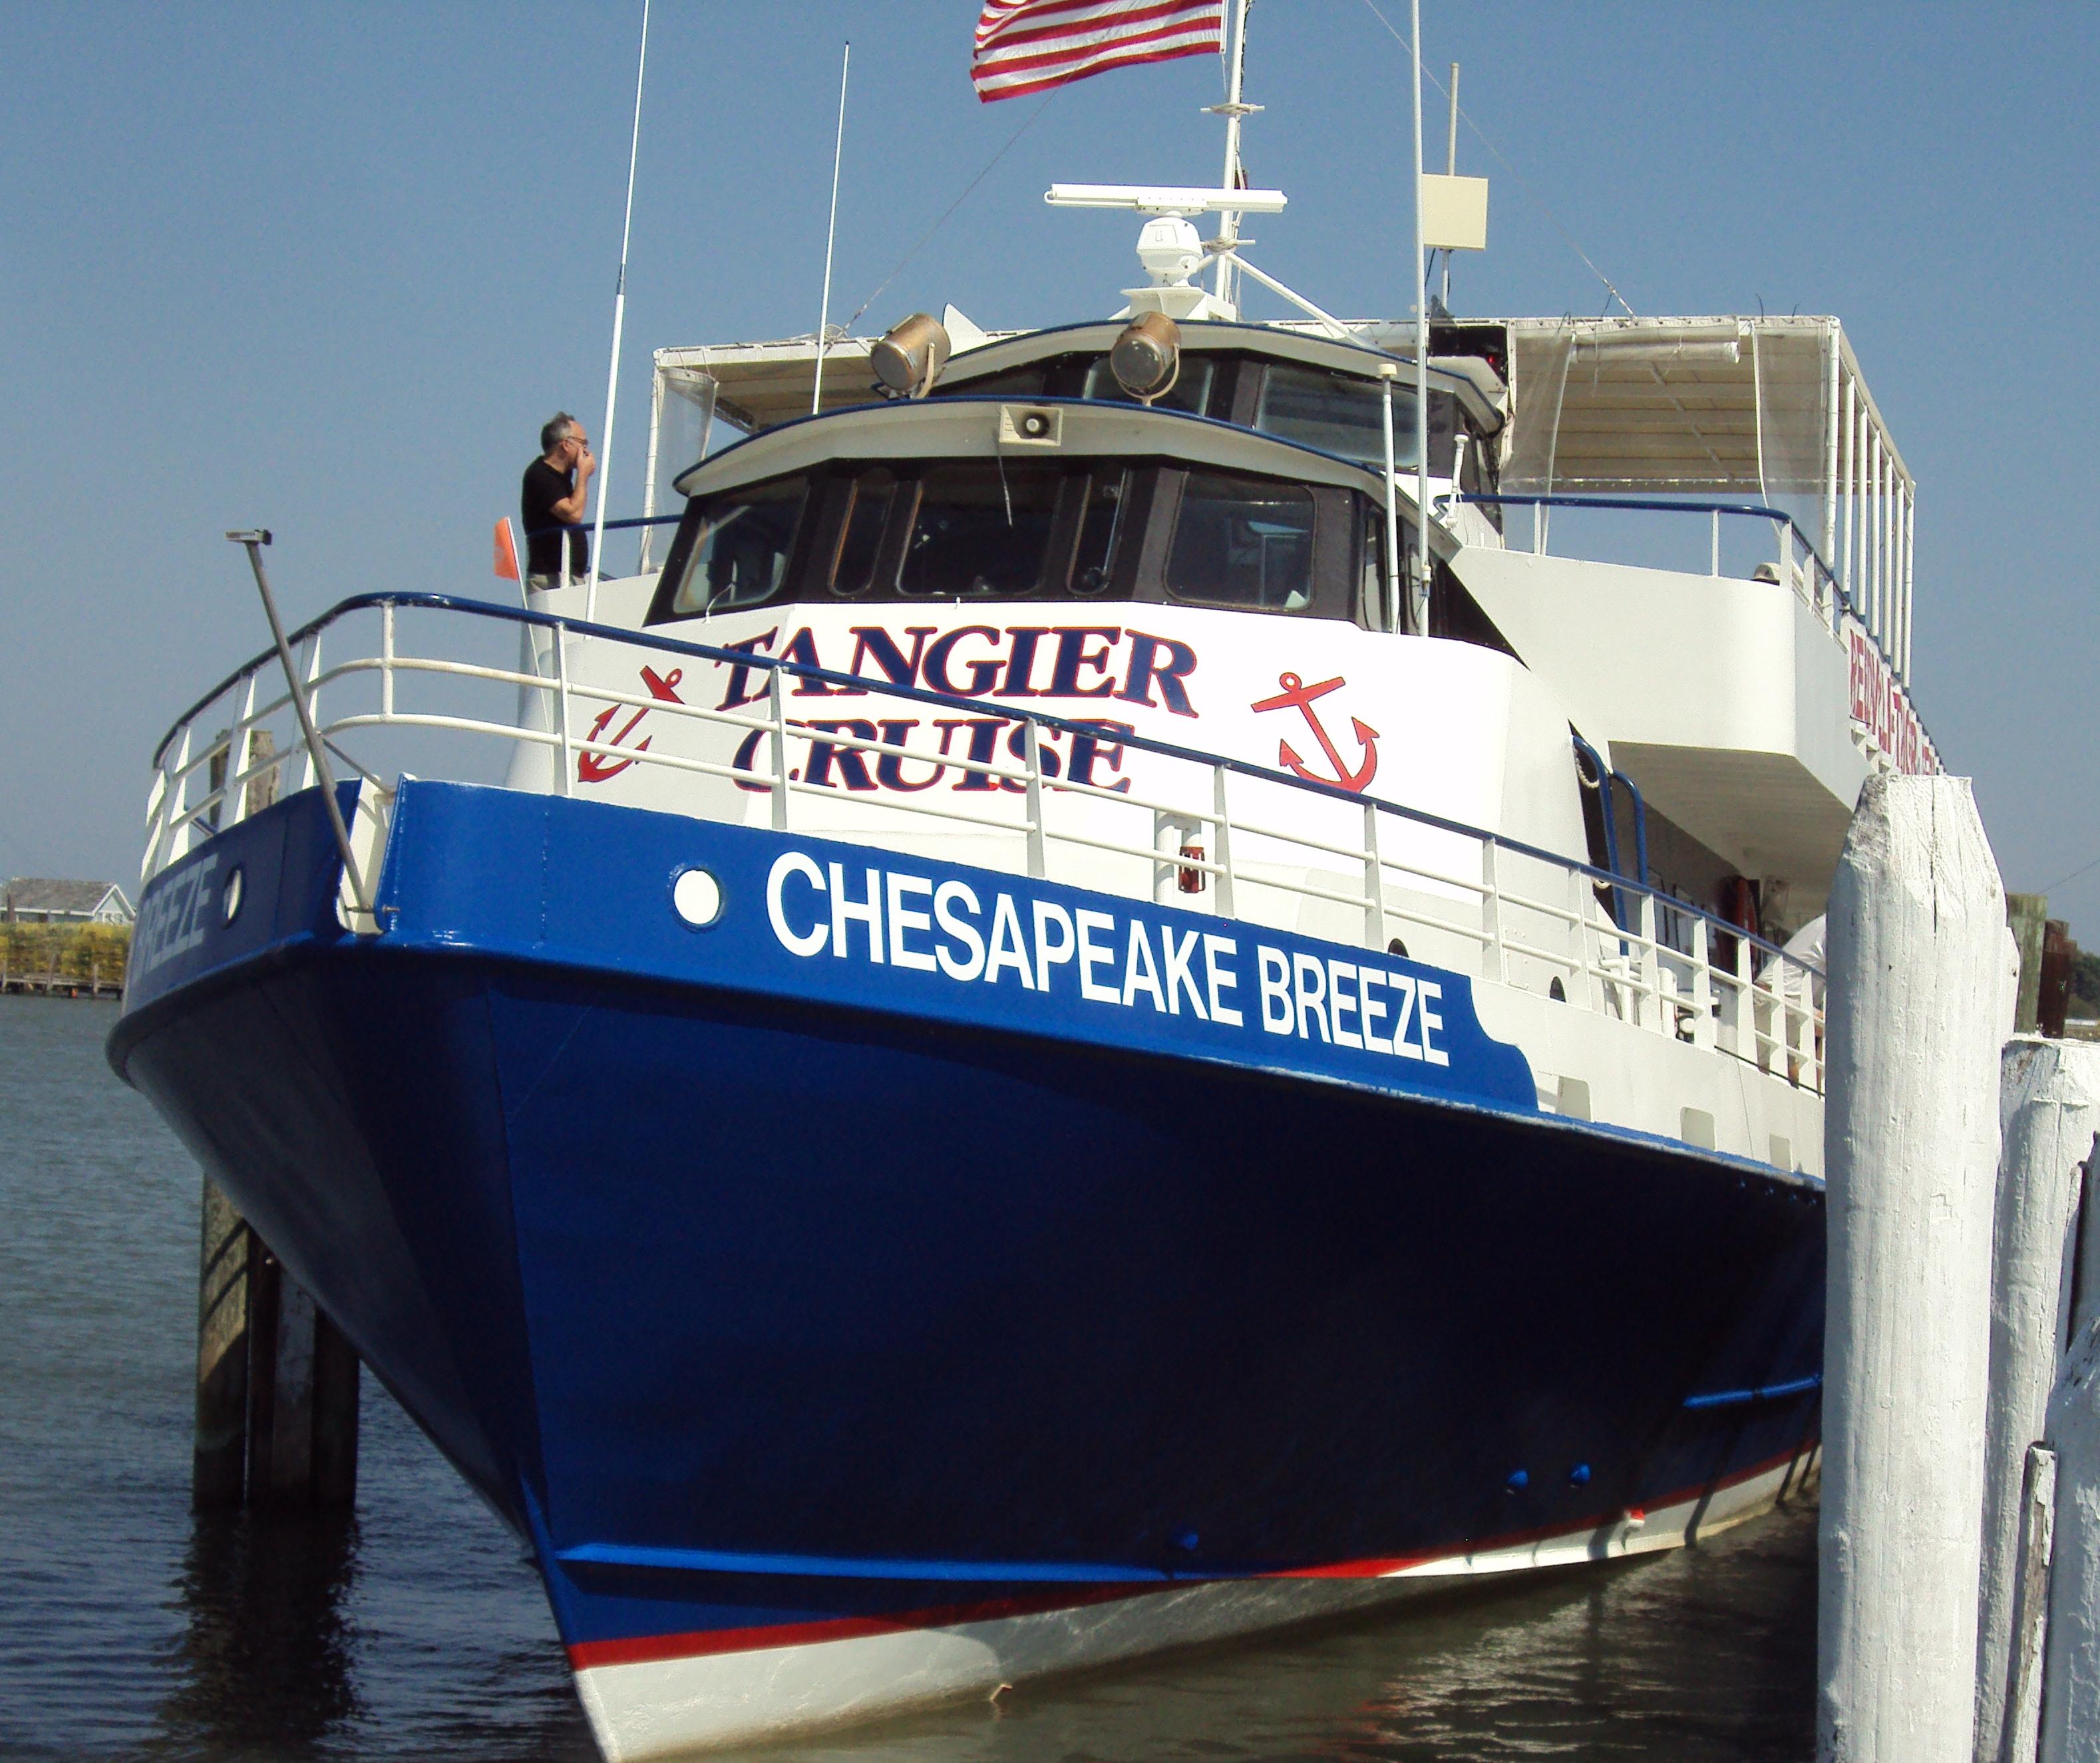 Tangier Island Cruise